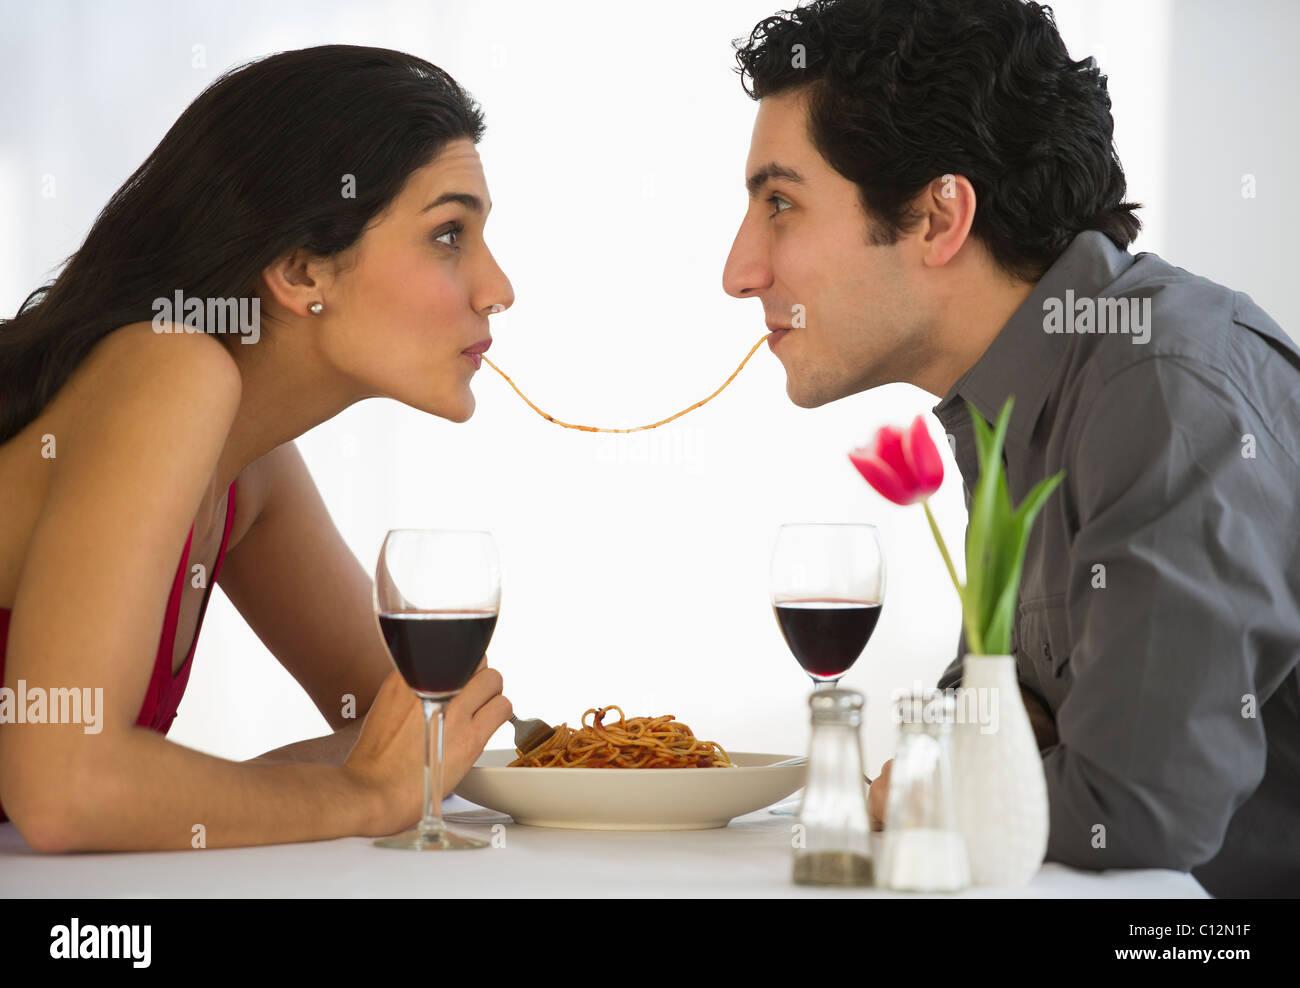 USA, New Jersey, Jersey City, glückliches Paar Spaghetti zu essen Stockbild